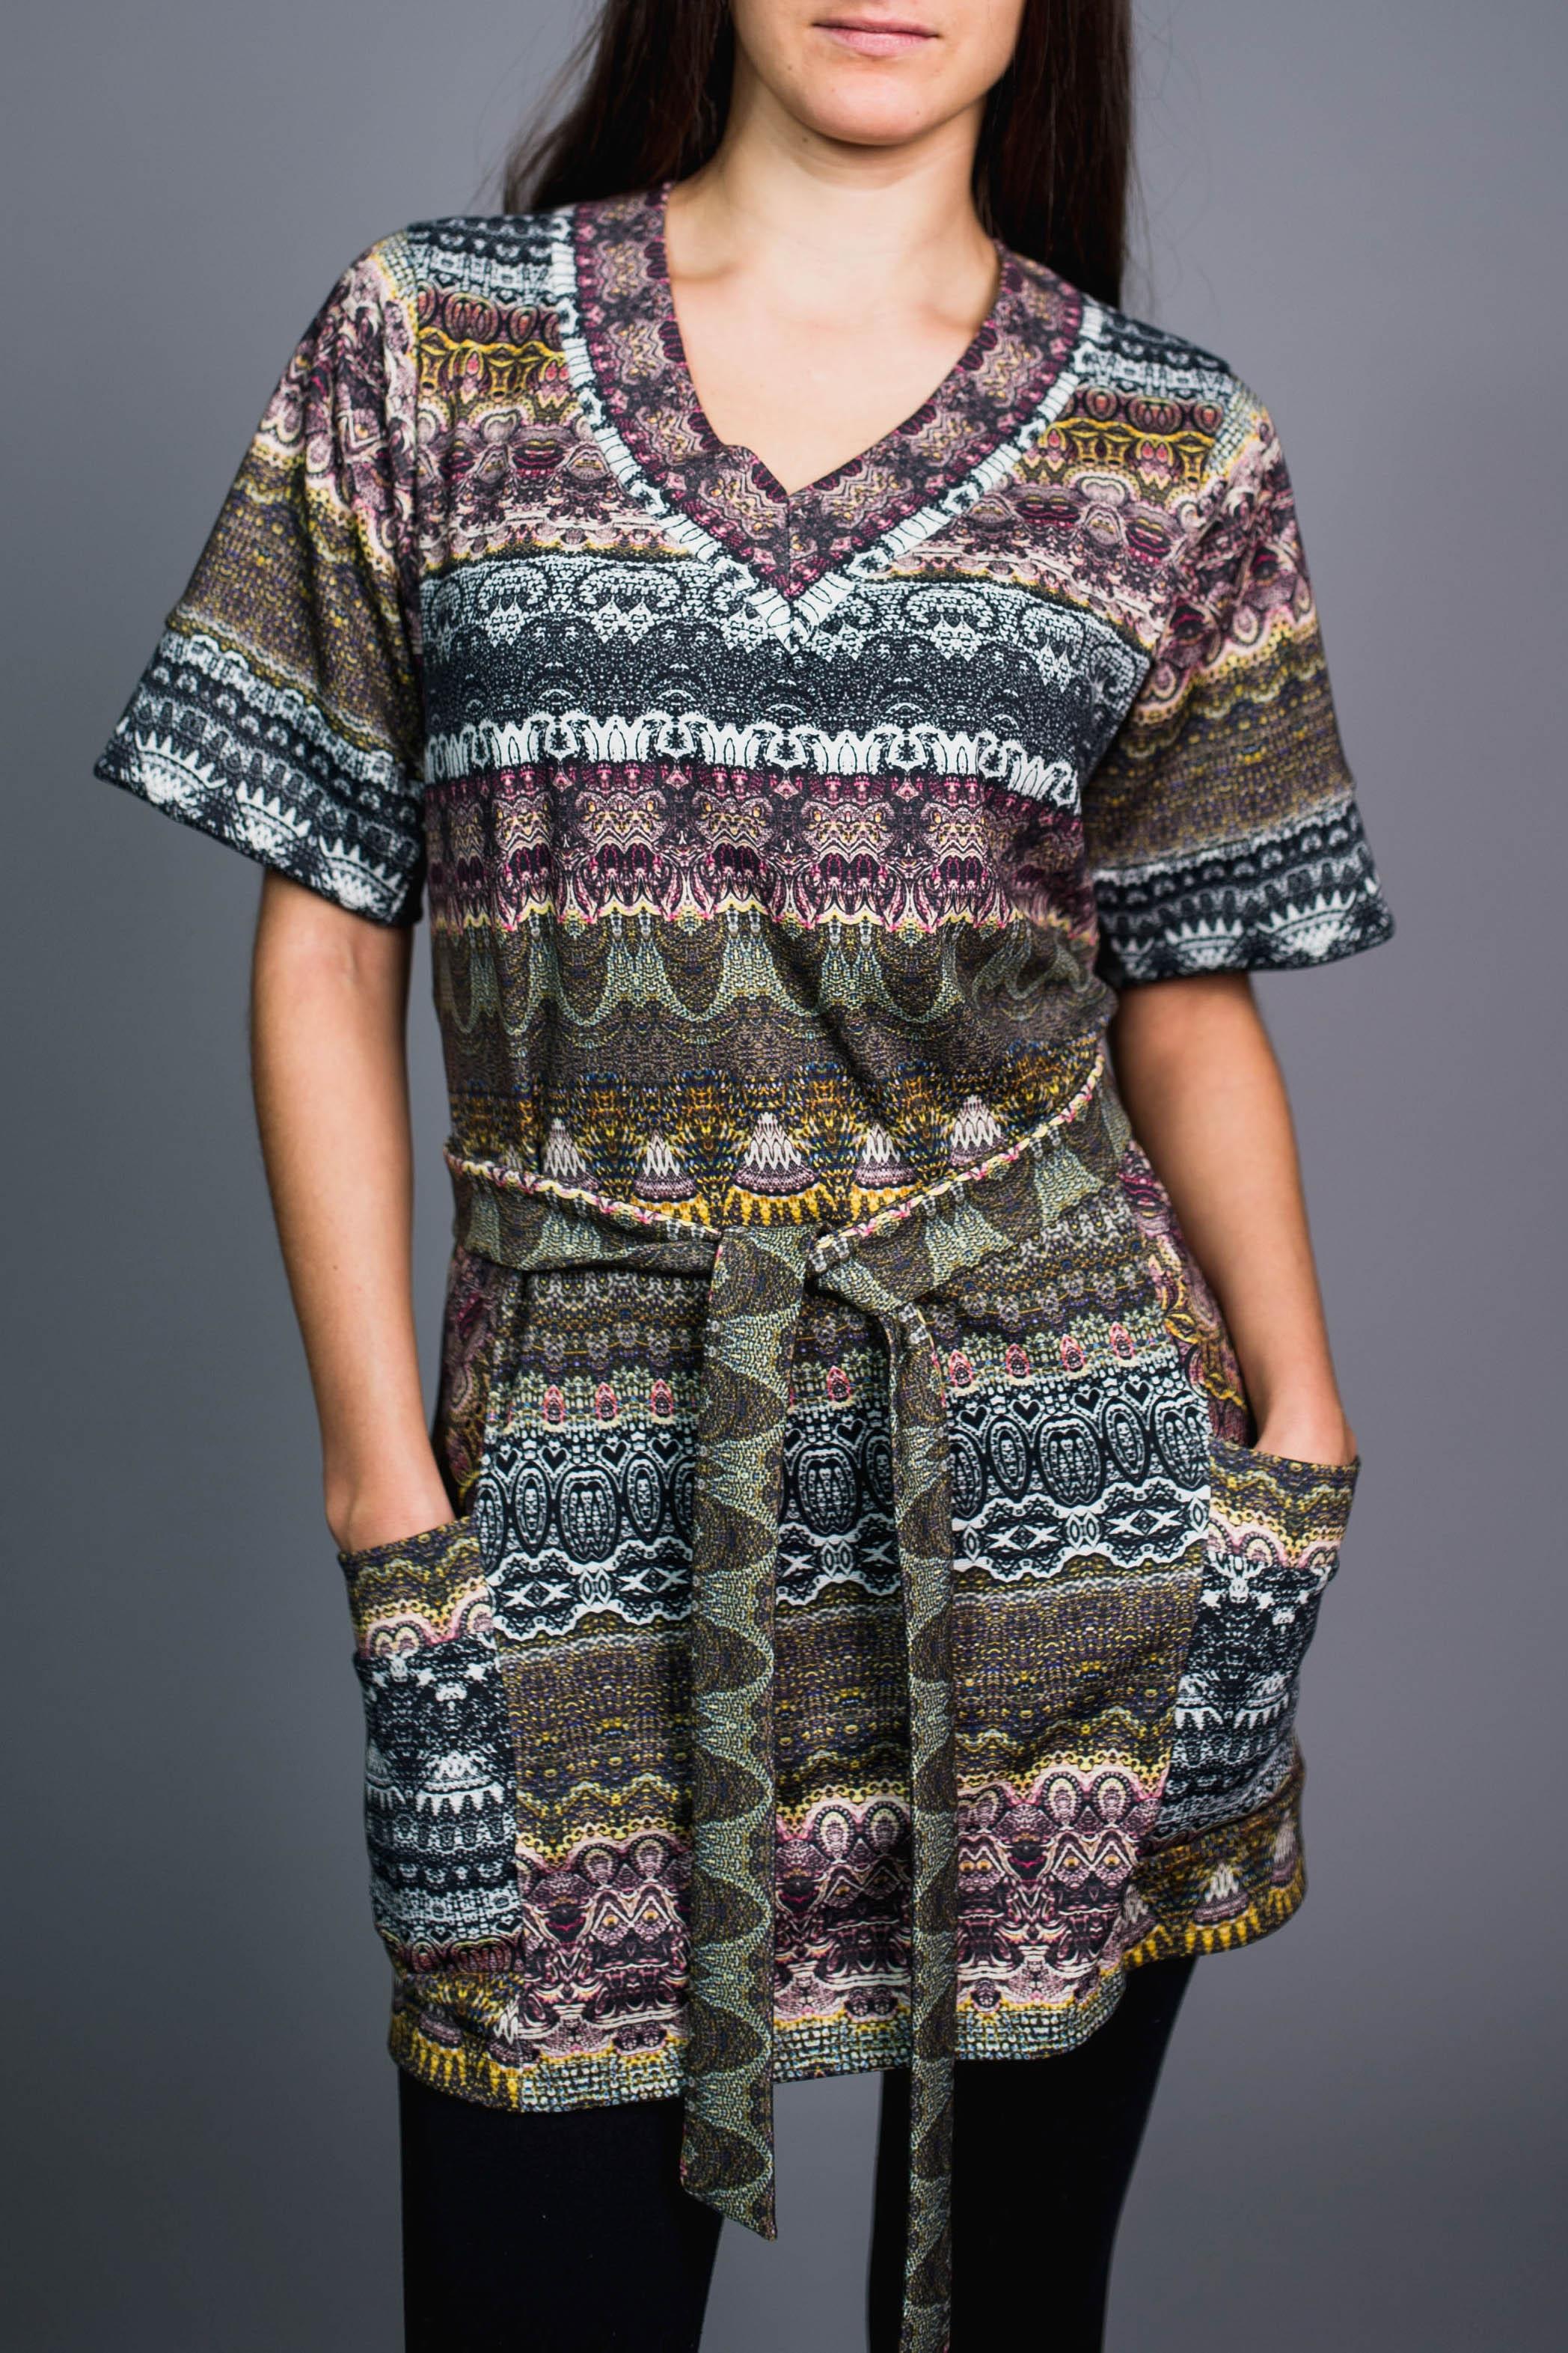 БлузкаТуники<br>Удлиненная блузка с V-образной горловиной и короткими рукавами. Модель выполнена из приятного материала. Отличный выбор для повседневного гардероба.  Блузка без пояса.  В изделии использованы цвета: зеленый, розовый, голубой и др.  Ростовка изделия 170 см.<br><br>Горловина: V- горловина<br>По материалу: Вискоза<br>По рисунку: С принтом,Цветные<br>По силуэту: Полуприталенные<br>По стилю: Повседневный стиль<br>По элементам: С карманами<br>Рукав: До локтя,Короткий рукав<br>По сезону: Осень,Весна<br>Размер : 50,54<br>Материал: Вискоза<br>Количество в наличии: 2